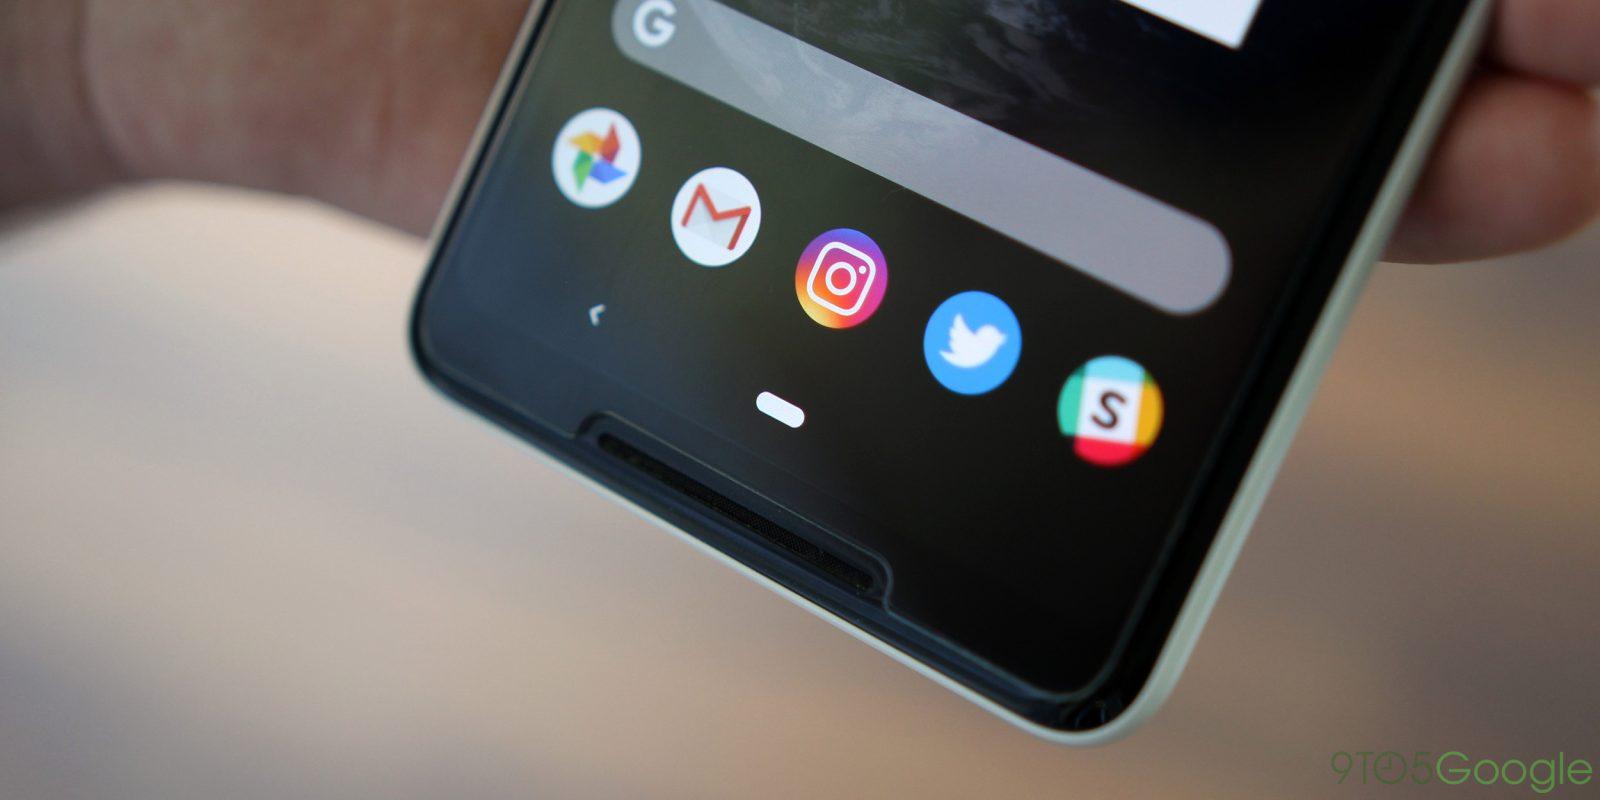 تصاویر واقعی Pixel 3 XL جزئیات بیشتری از این گوشی را فاش میکنند